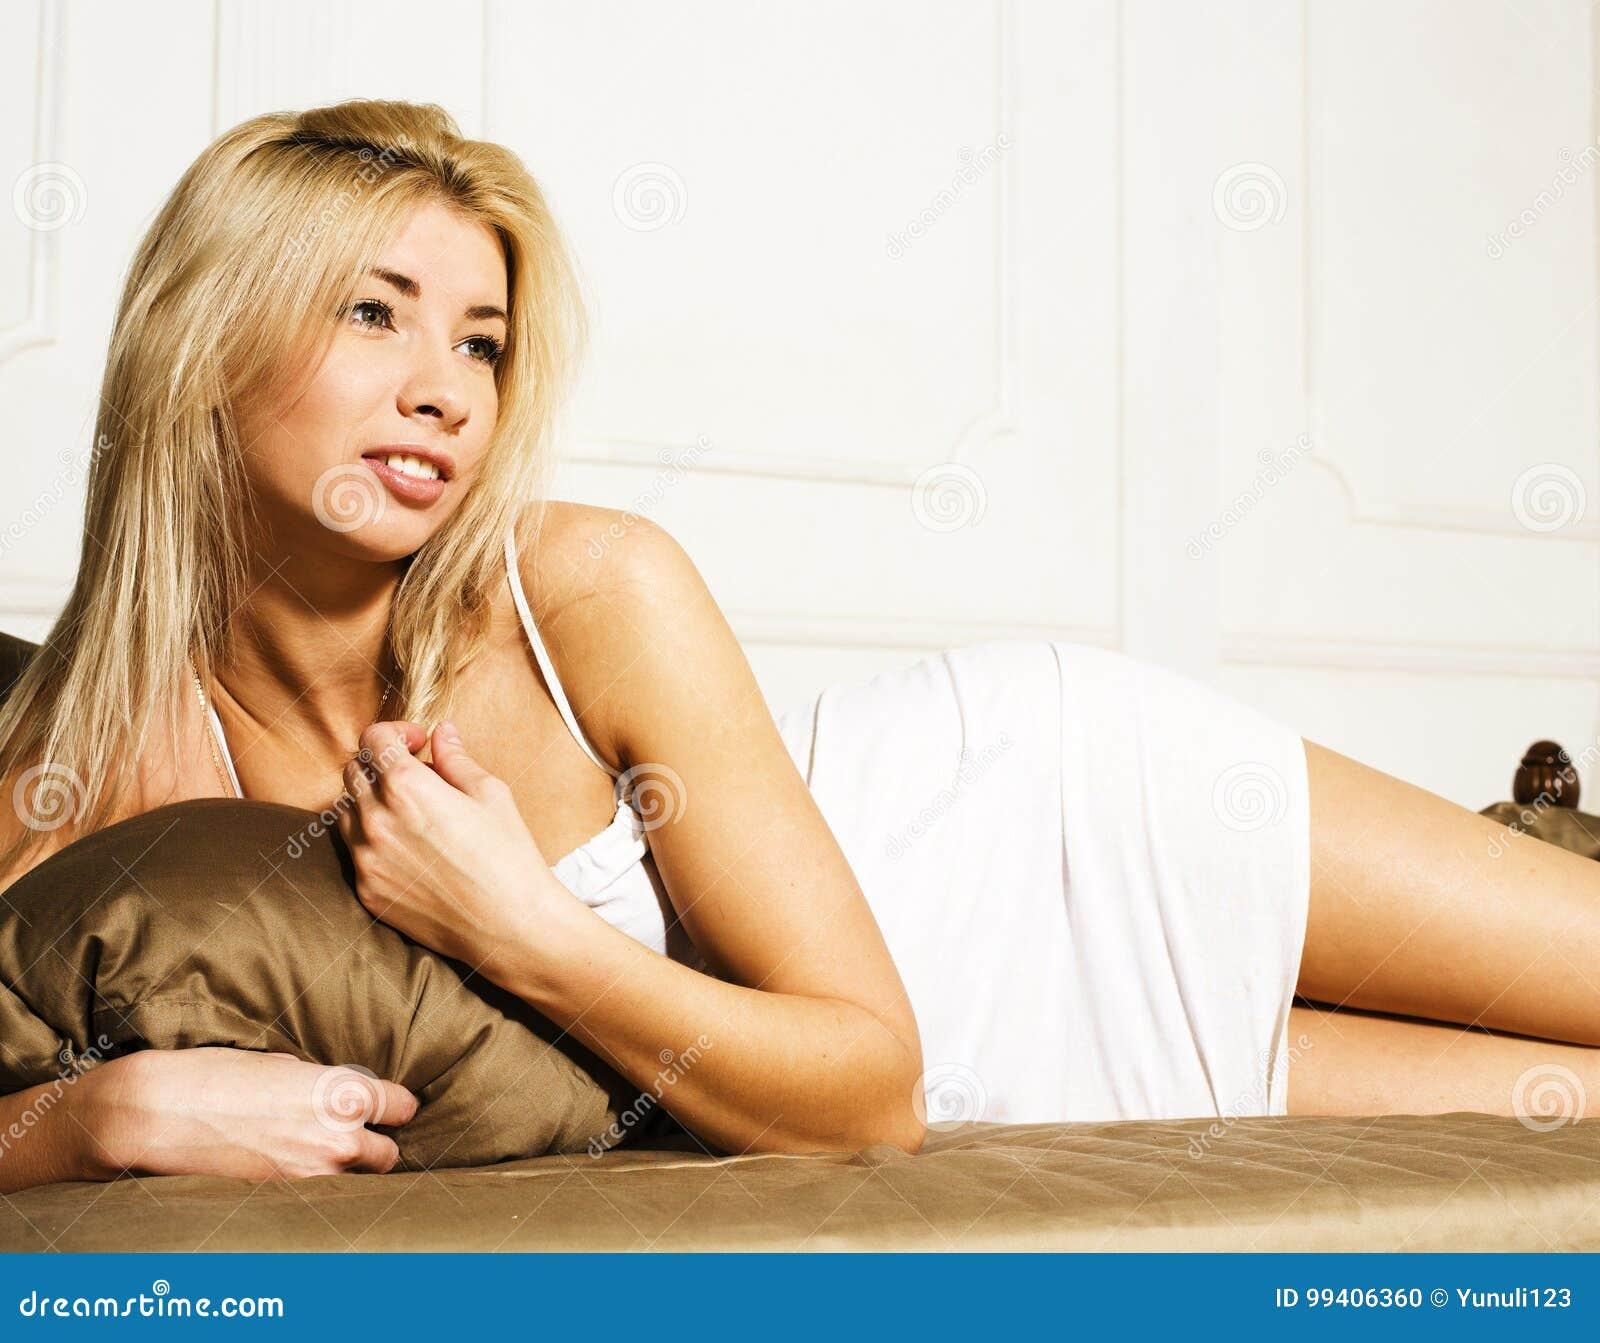 blondine im bett